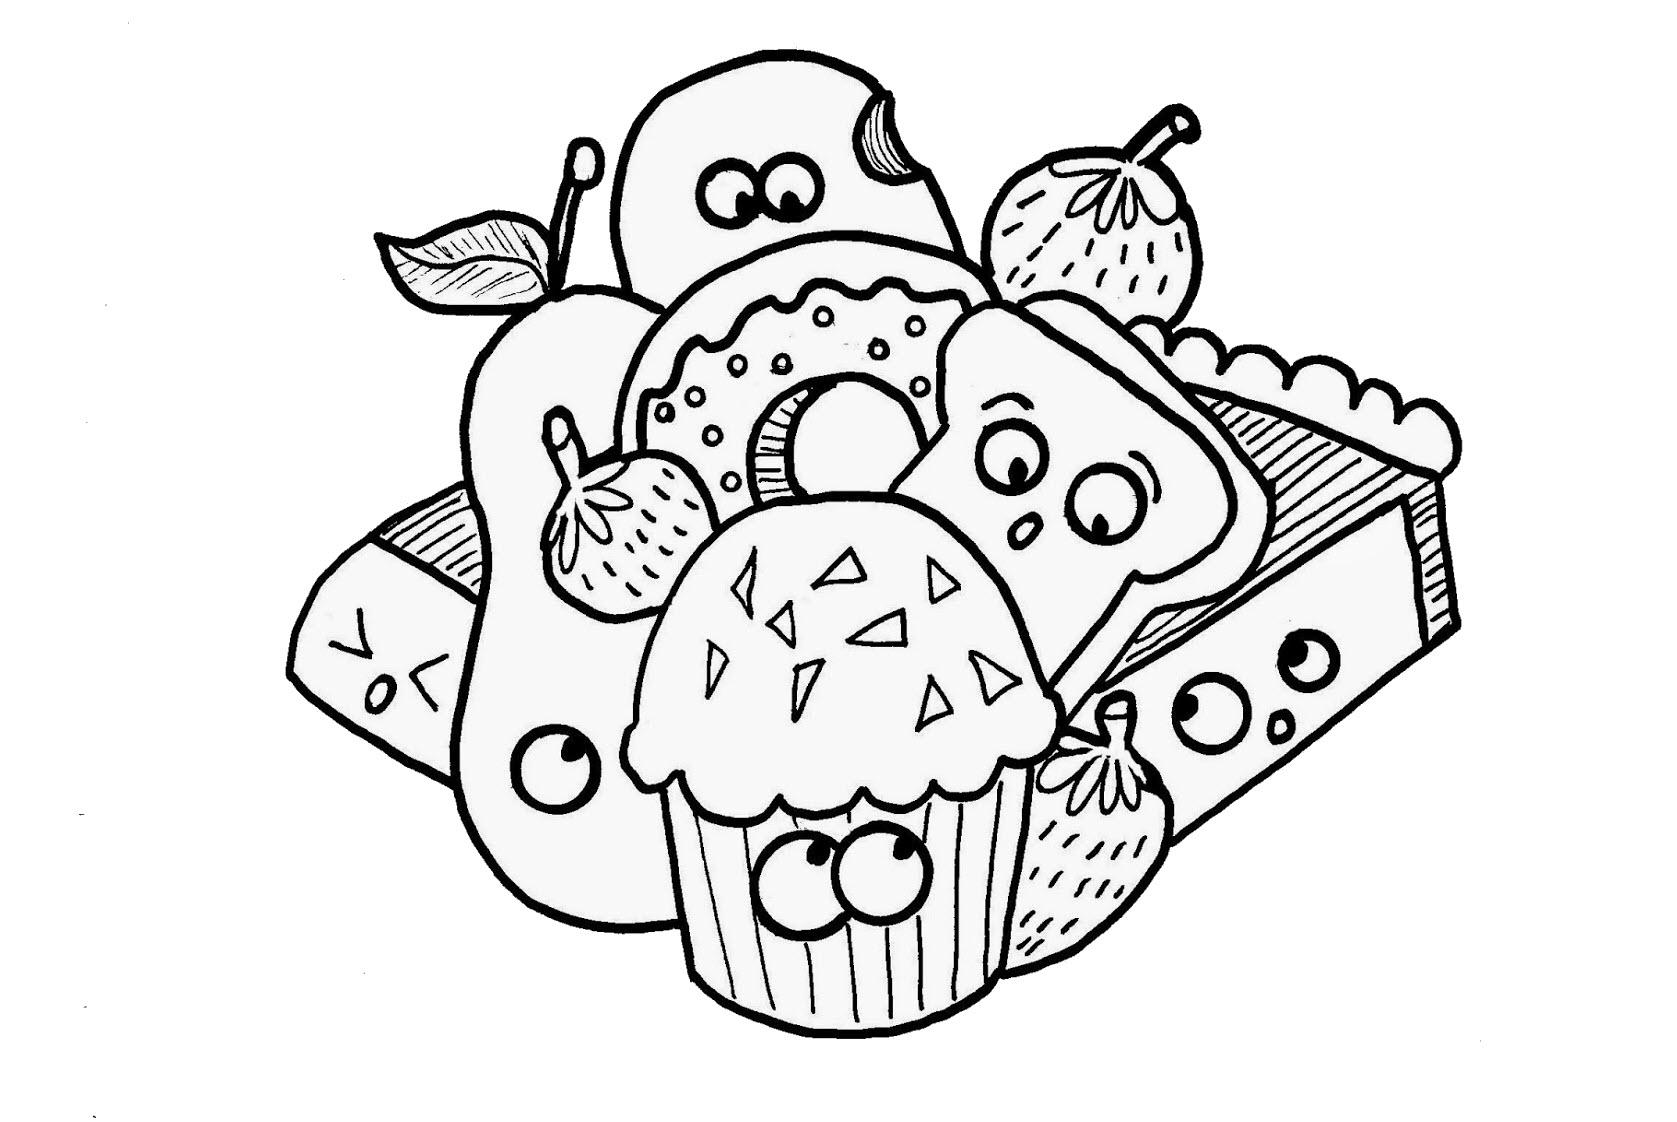 Tranh tô màu đồ ăn dễ thương cho bé